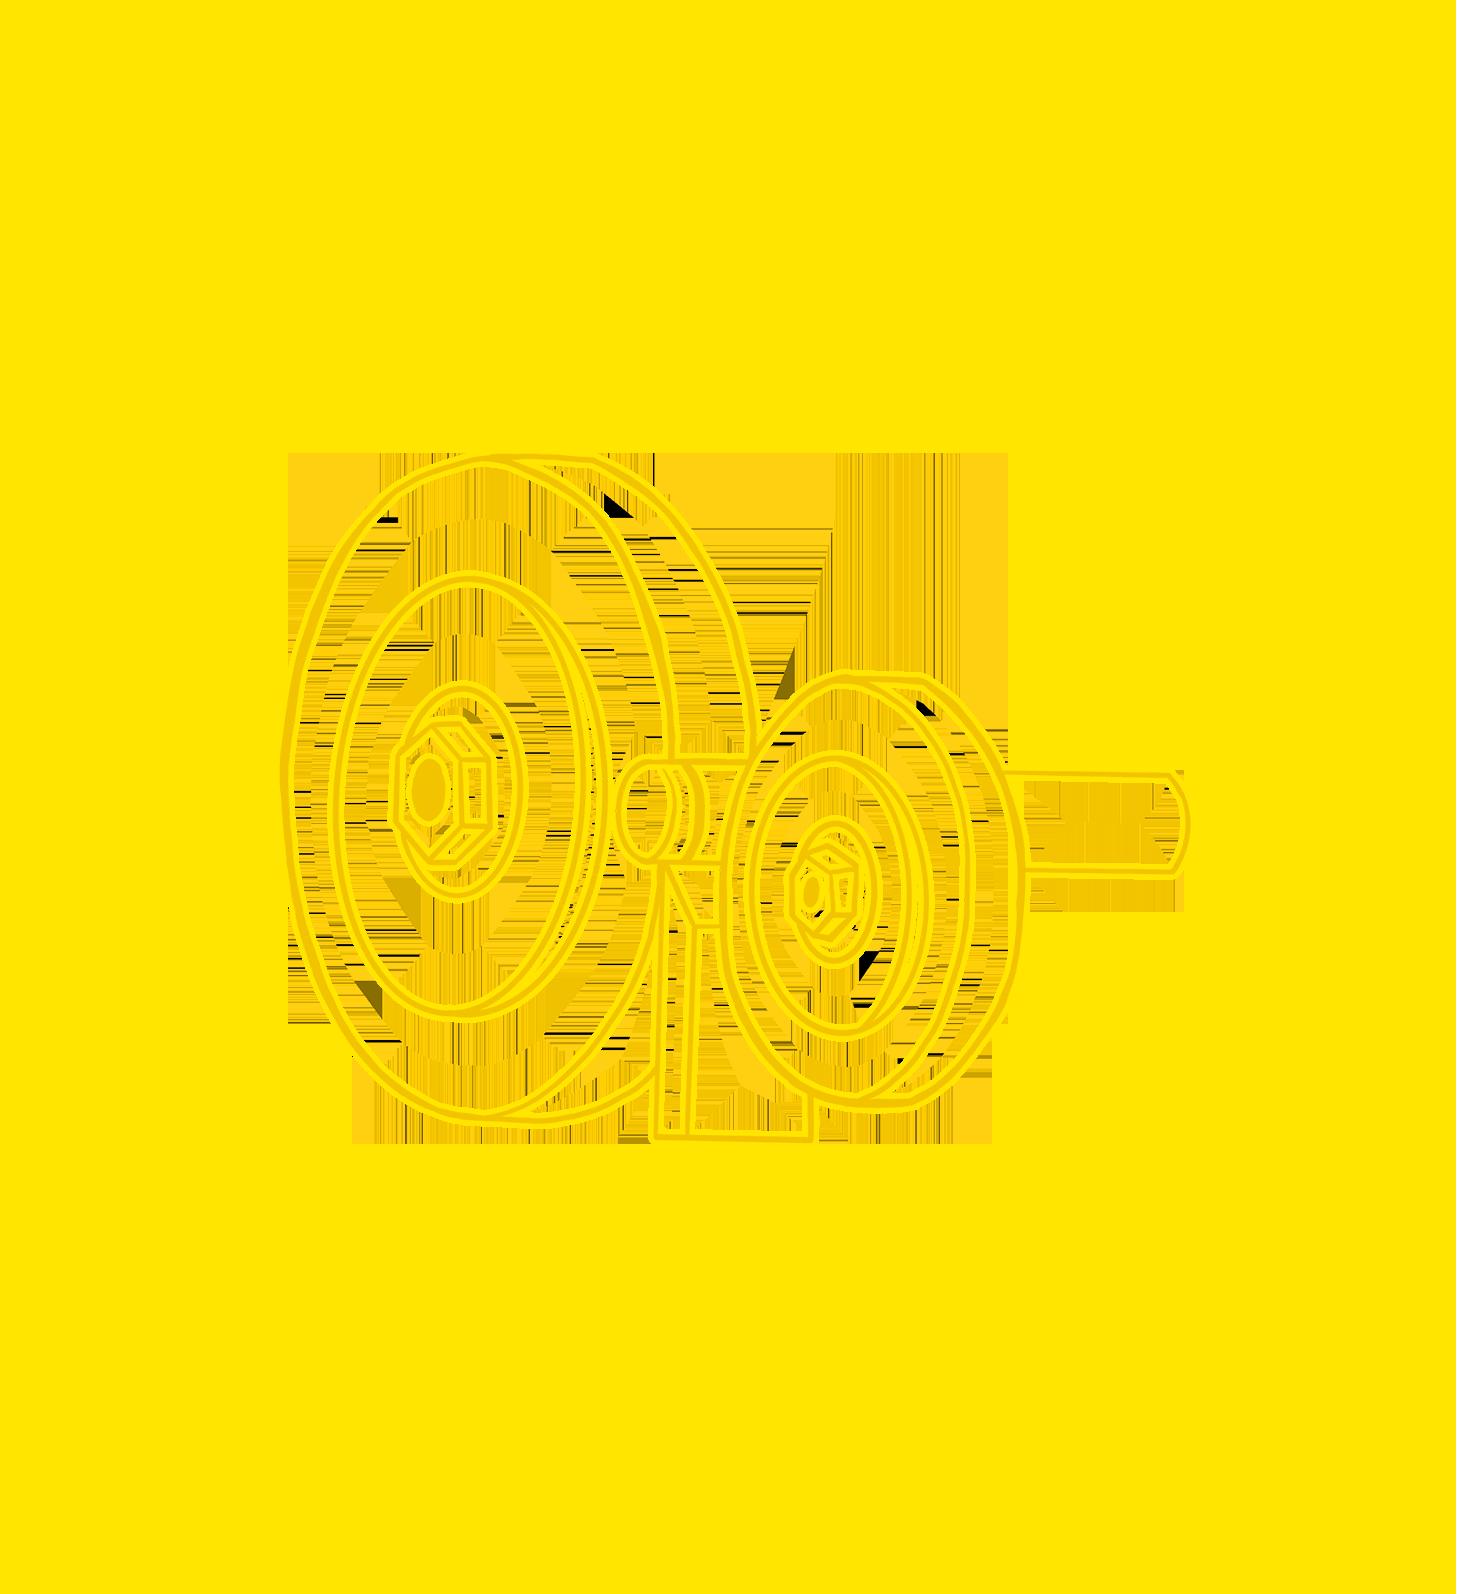 rectificado - Proceso por abrasión en el cual se elimina material de una pieza metálica a fin de darle forma y modelarla, para conseguir acabados precisos.